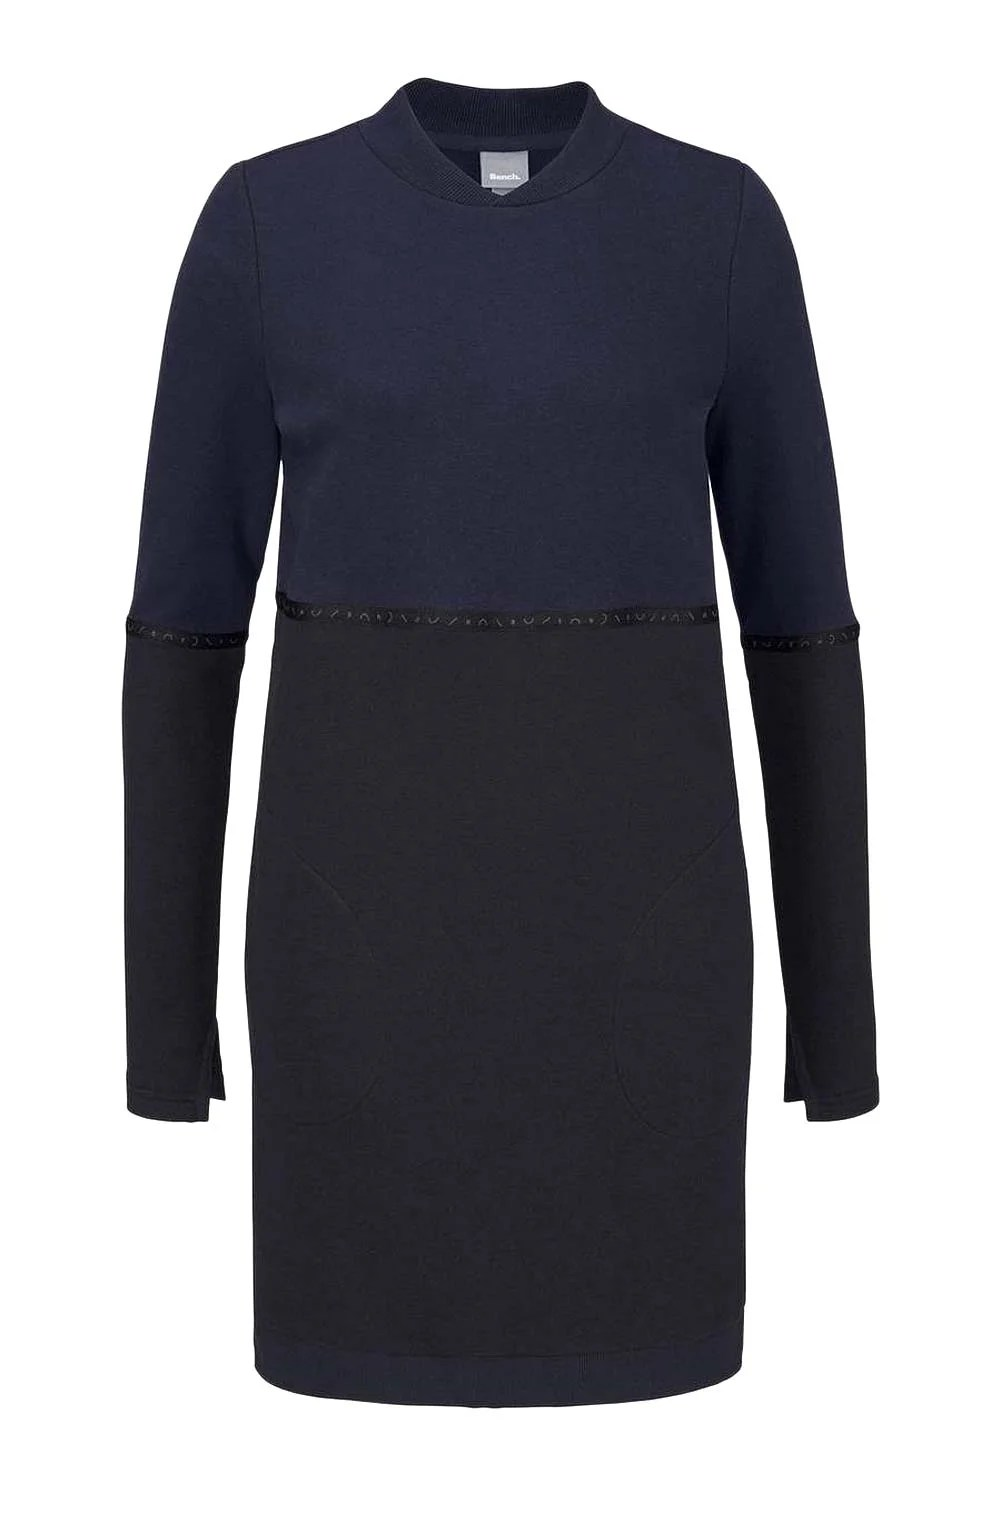 486.531 BENCH Damen-Sweatkleid Sweatshirt Kleid m. Taschen Navy-Schwarz